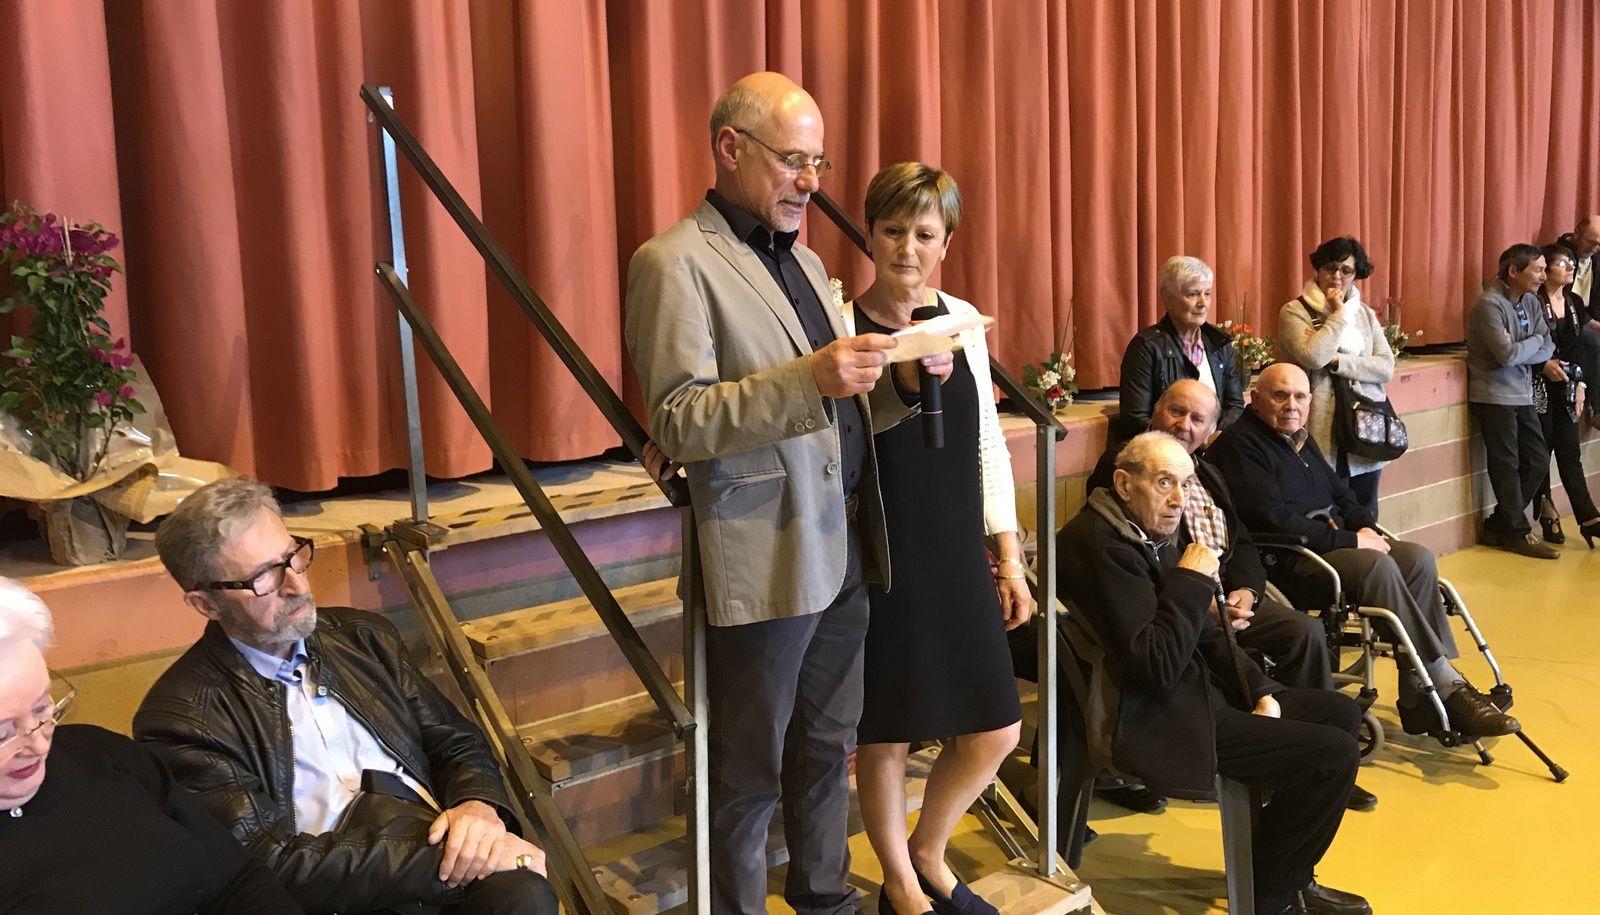 Michel Bernat, maire de Vabres, et Sébastien David, conseiller départemental du canton, étaient aux côtés du Docteur Fontayne et de son épouse.